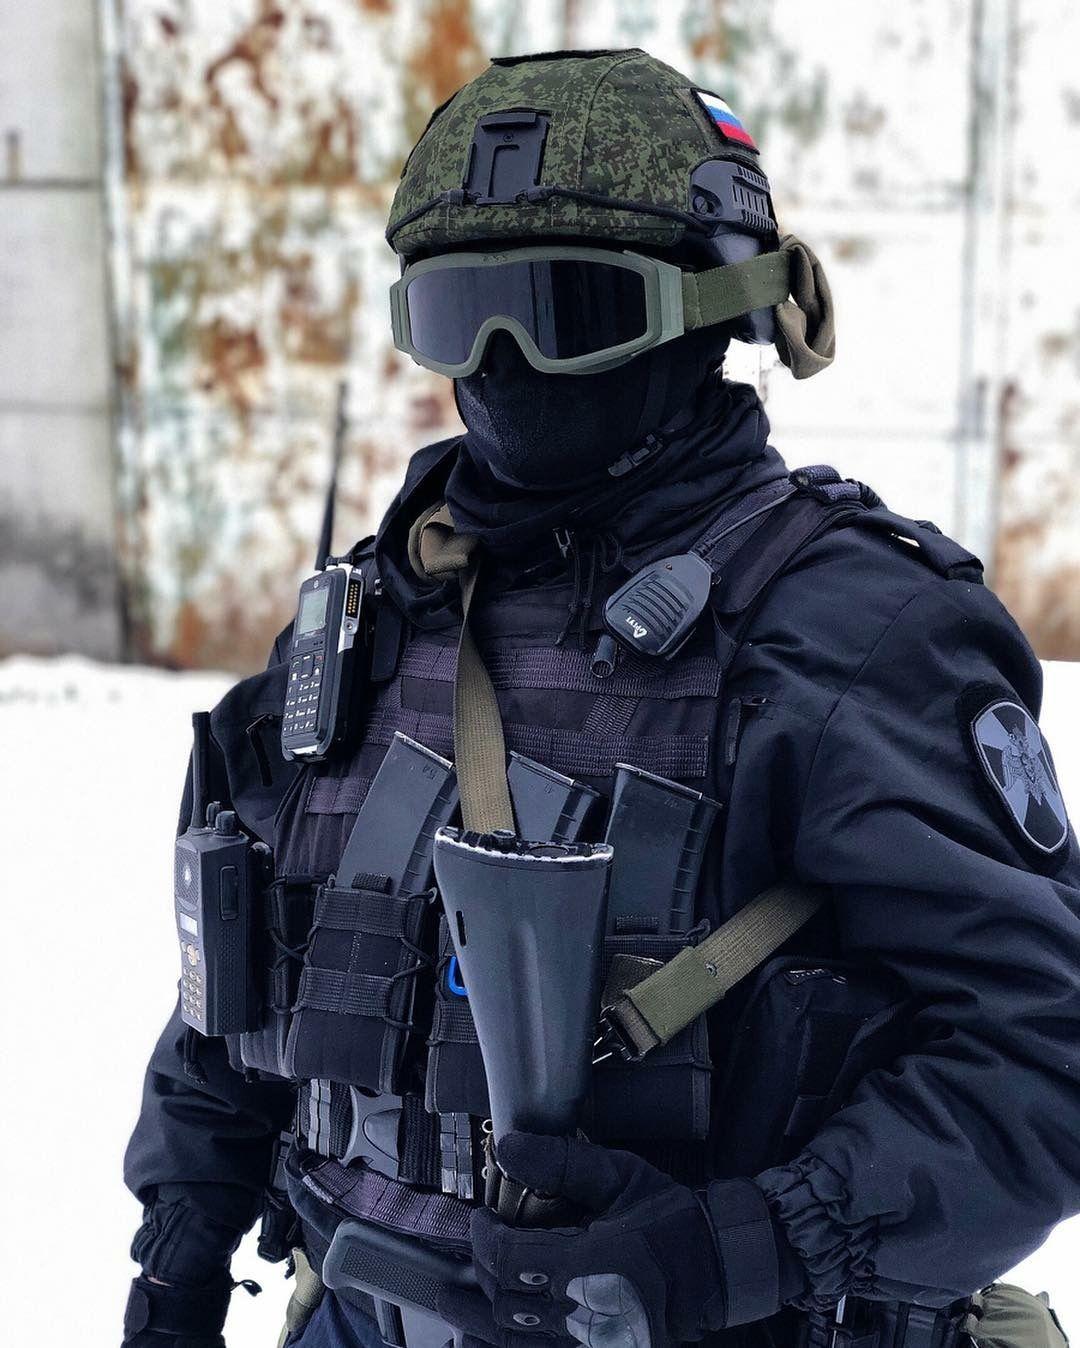 Картинки спецназ россии в масках